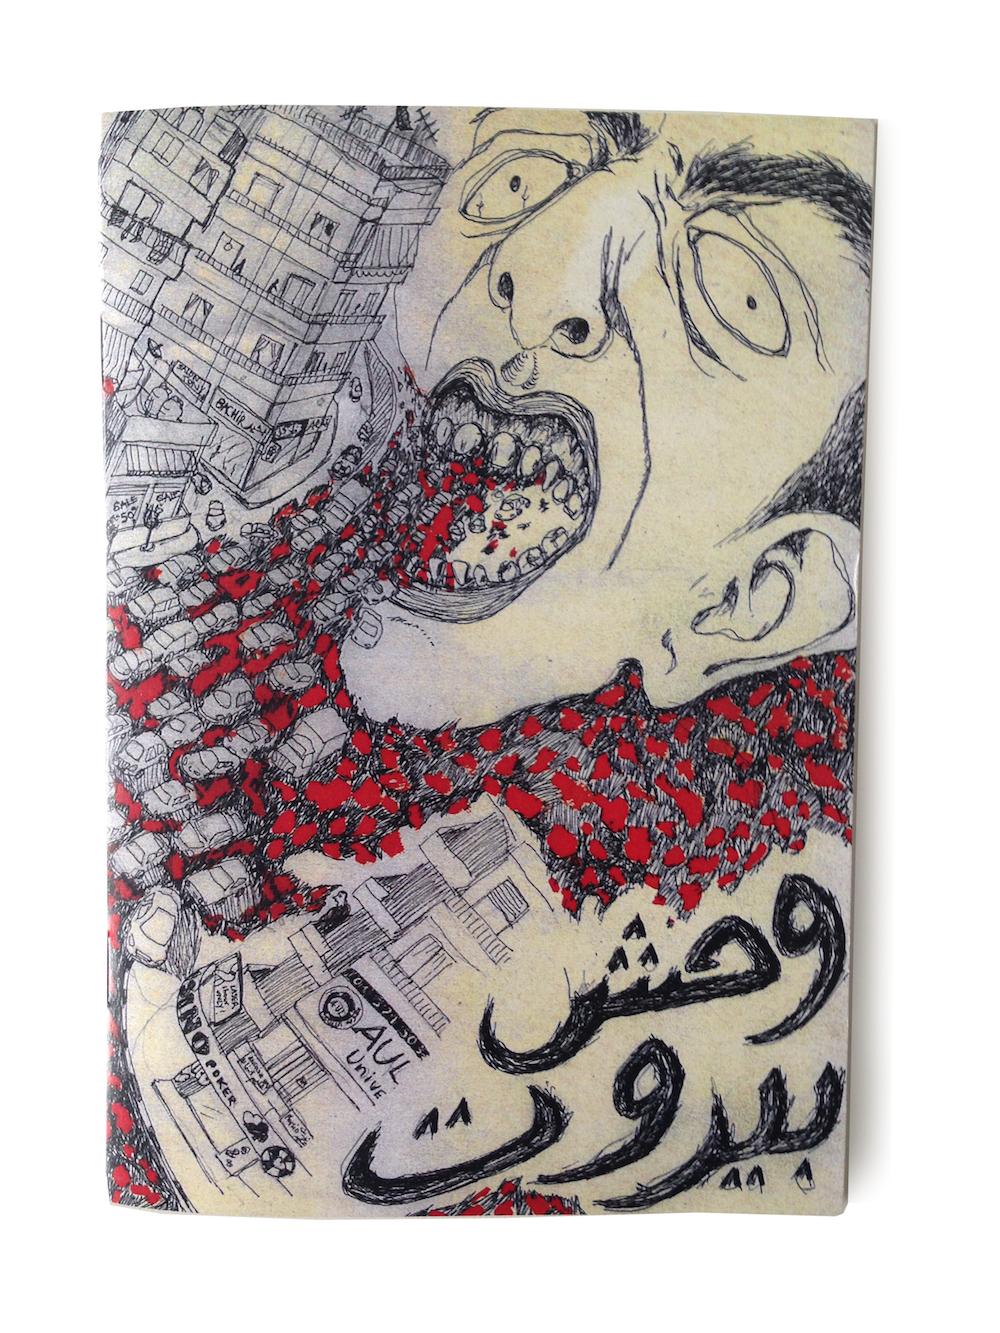 وحش بيروت/Beirut Monster